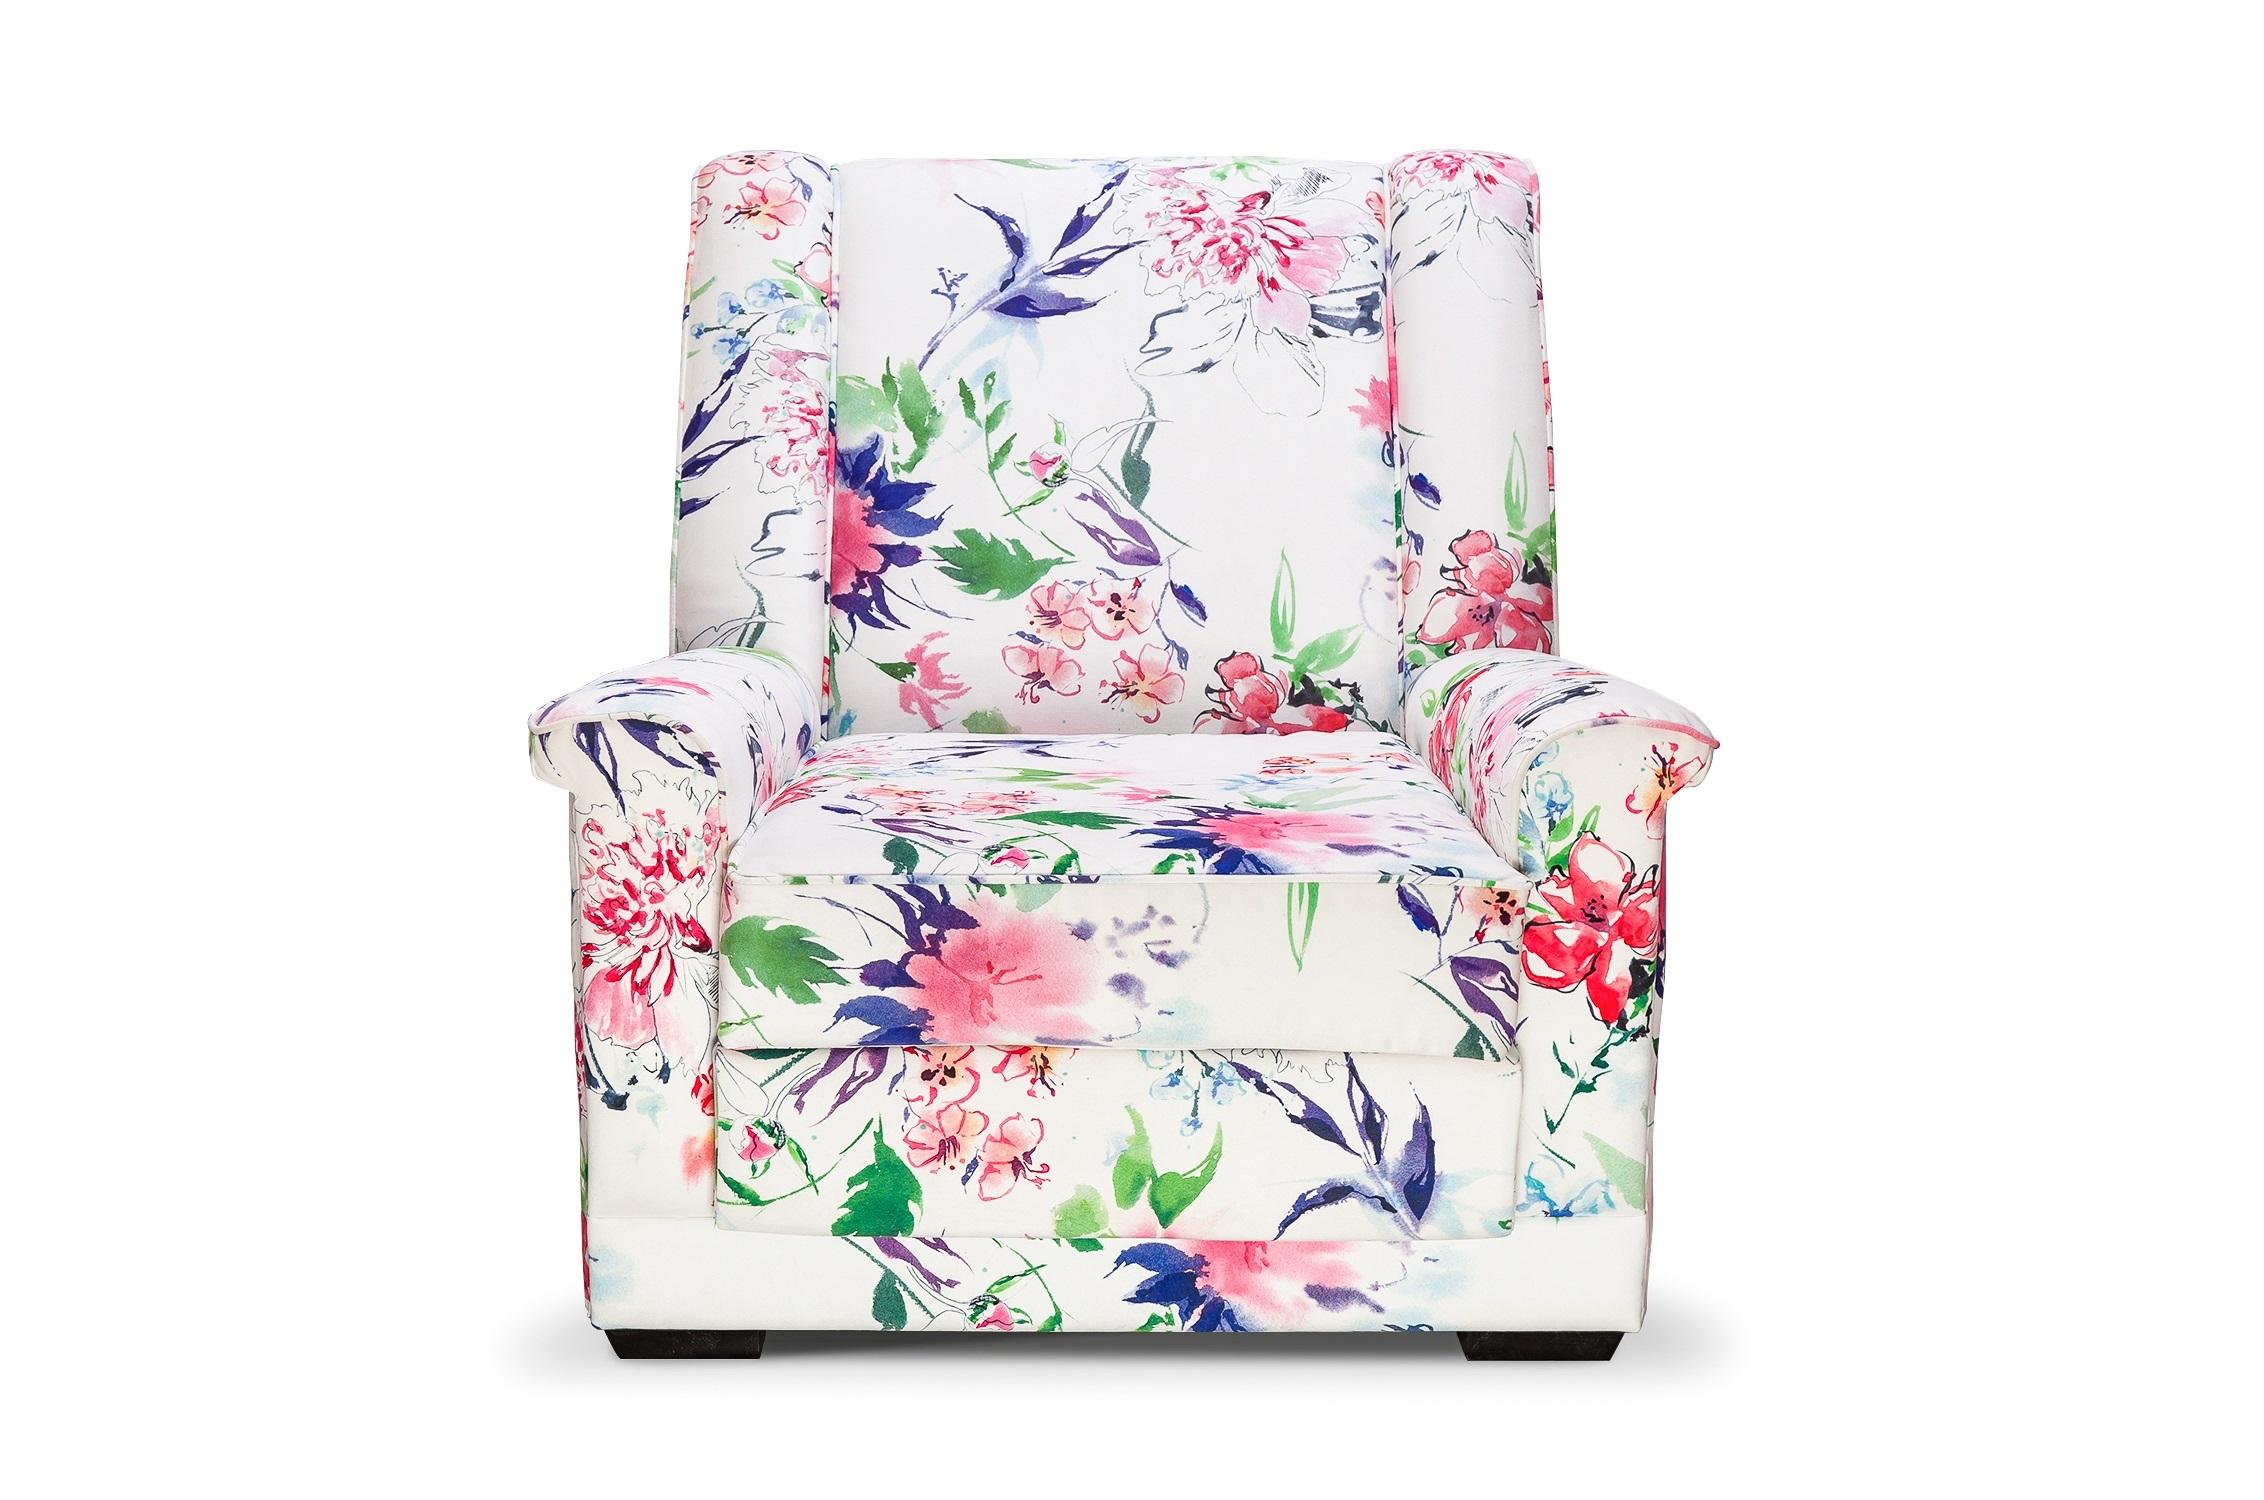 Кресло AquarelleИнтерьерные кресла<br>Уникальный дизайн. Кресло с принтом от  ICON DESIGNE. Прекрасно  впишется в интерьер! Произвдено из экологически чистых материалов. Каркас ,ножки  - дуб. Модель представлена в ткани микровелюр – мягкий, бархатистый материал, широко используемый в качестве обивки для мебели. Обладает целым рядом замечательных свойств: отлично пропускает воздух, отталкивает пыль и долго сохраняет изначальный цвет, не протираясь и не выцветая. Высокие эксплуатационные свойства в сочетании с превосходным дизайном обеспечили микровелюру большую популярность.&amp;amp;nbsp;&amp;lt;div&amp;gt;&amp;lt;span style=&amp;quot;font-size: 14px;&amp;quot;&amp;gt;&amp;lt;br&amp;gt;&amp;lt;/span&amp;gt;&amp;lt;/div&amp;gt;&amp;lt;div&amp;gt;&amp;lt;span style=&amp;quot;font-size: 14px;&amp;quot;&amp;gt;Варианты исполнения: <br>По желанию возможность выбрать ткань из других коллекций.&amp;amp;nbsp;&amp;lt;/span&amp;gt;&amp;lt;br&amp;gt;&amp;lt;/div&amp;gt;&amp;lt;div&amp;gt;Гарантия: от производителя 1 год&amp;amp;nbsp;&amp;lt;/div&amp;gt;&amp;lt;div&amp;gt;Гарантия от производителя&amp;amp;nbsp;&amp;lt;/div&amp;gt;&amp;lt;div&amp;gt;Материалы: дуб, текстиль.&amp;amp;nbsp;&amp;lt;/div&amp;gt;&amp;lt;div&amp;gt;Продукция изготавливается под заказ, стандартный срок производства 3-4 недели.&amp;amp;nbsp;&amp;lt;/div&amp;gt;&amp;lt;div&amp;gt;Более точную информацию уточняйте у менеджера.&amp;lt;/div&amp;gt;&amp;lt;div&amp;gt;&amp;lt;br&amp;gt;&amp;lt;/div&amp;gt;<br><br>Material: Текстиль<br>Высота см: 90<br>Глубина см: 70